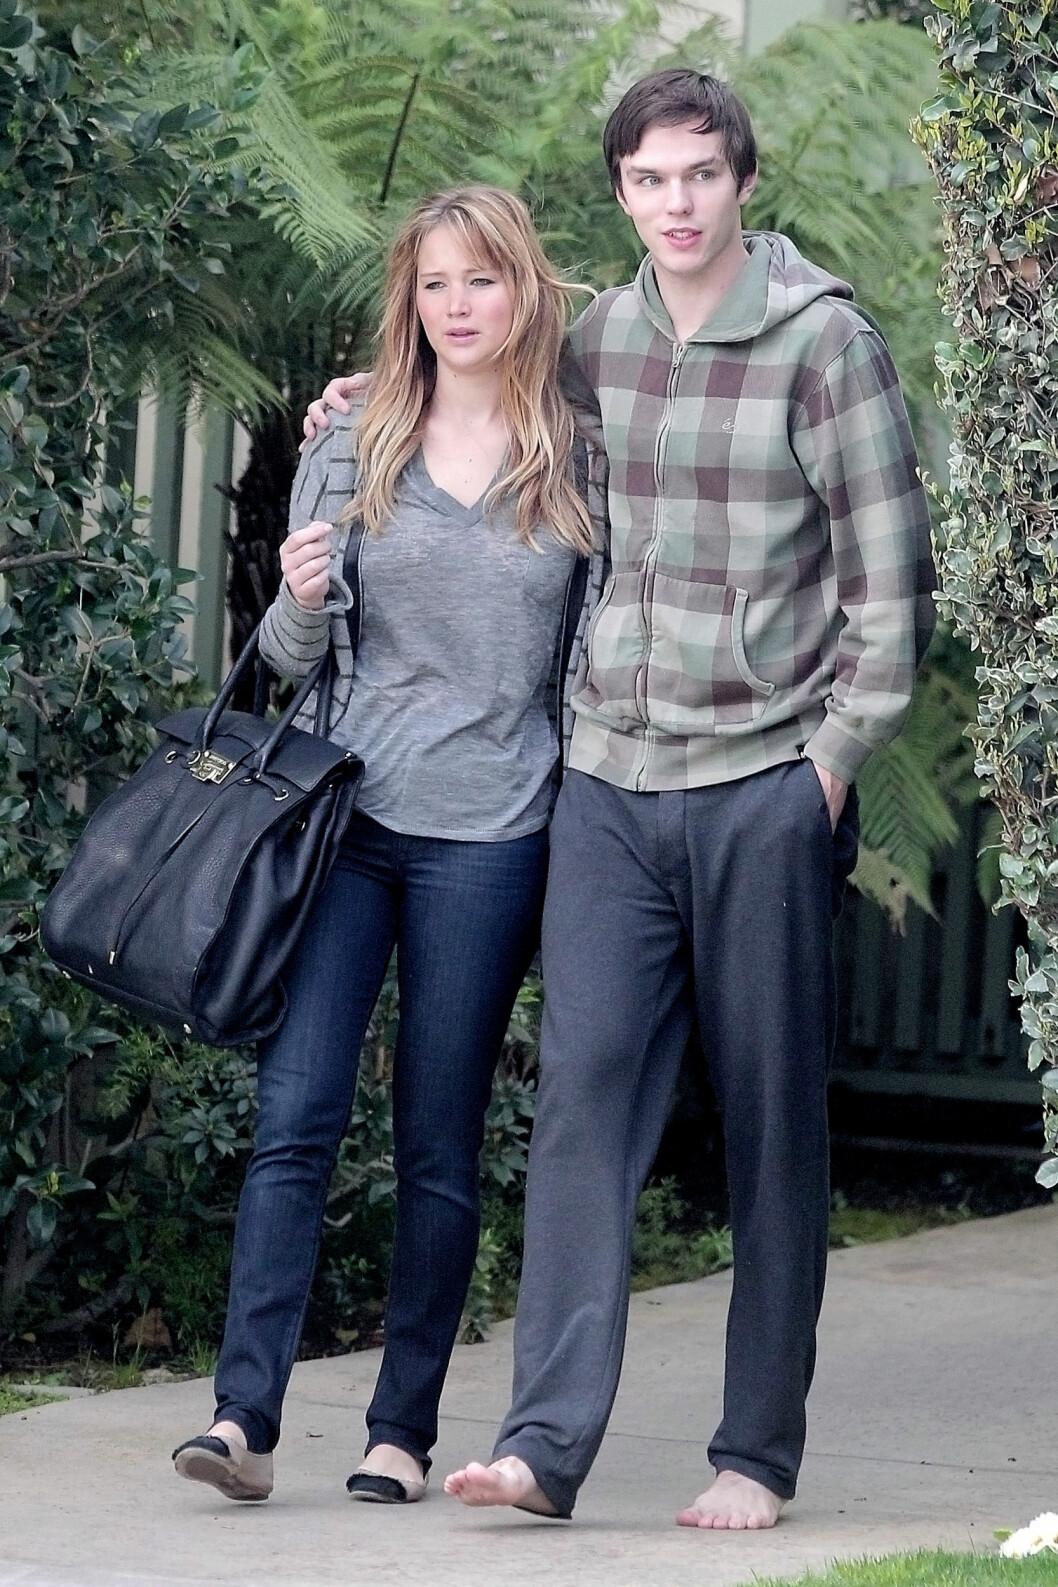 VAR SAMMEN I TRE ÅR: Jennifer Lawrence har tidligere vært sammen med sin kollega fra de populære «X-Men»-filmene i tre år, men paret gikk hver sin vei i 2014. Foto: All Over Press